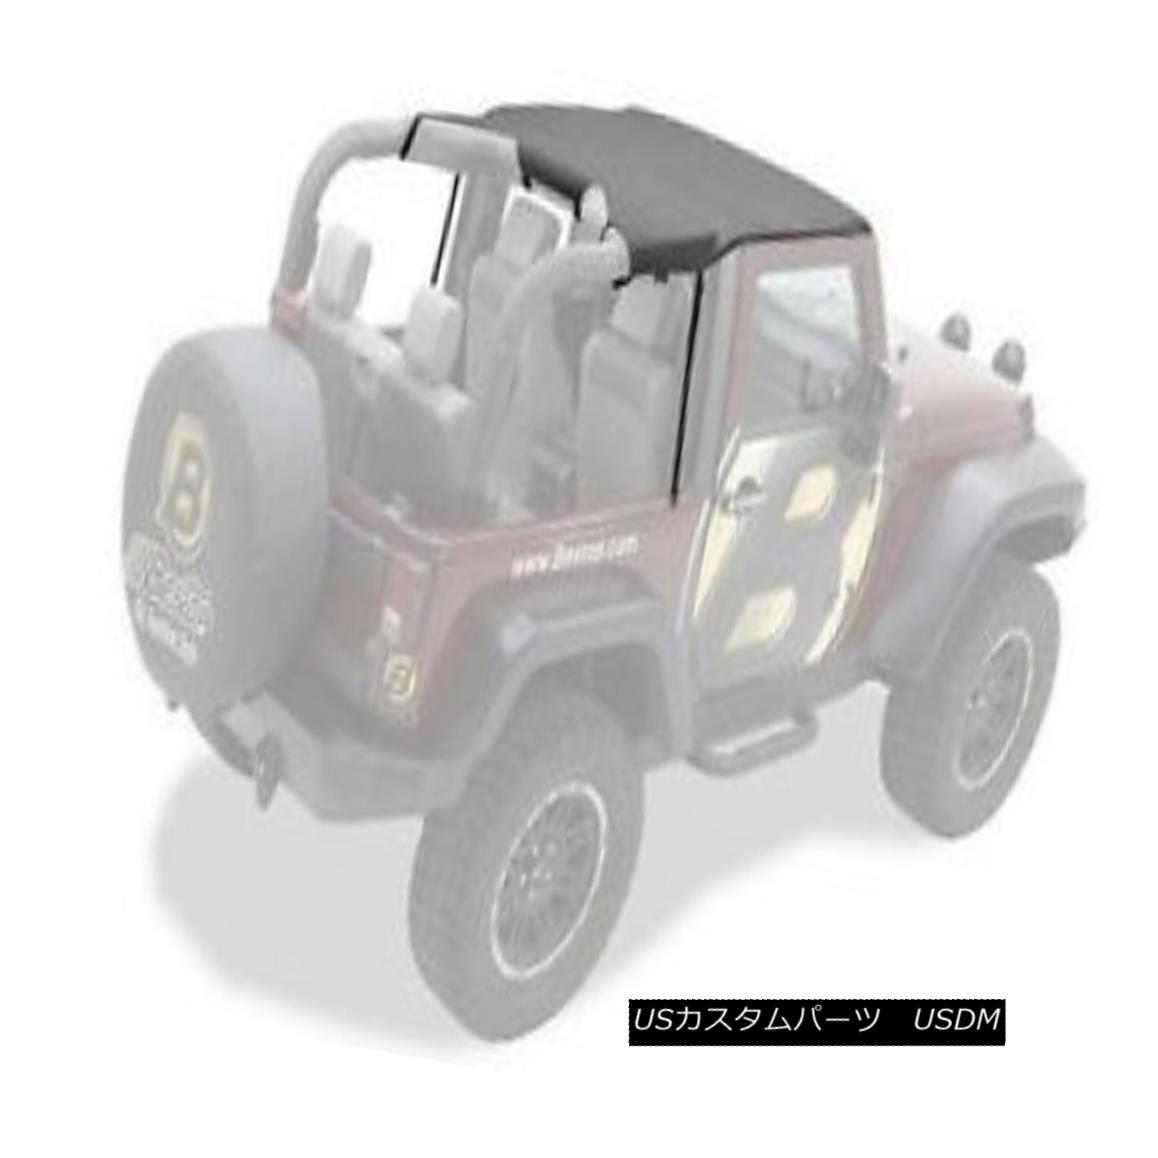 幌・ソフトトップ Bestop Header Bikini 07-09 Jeep Wrangler JK Black Diamond 52580-35 Bestop Headerビキニ07-09ジープラングラーJKブラックダイヤモンド52580-35